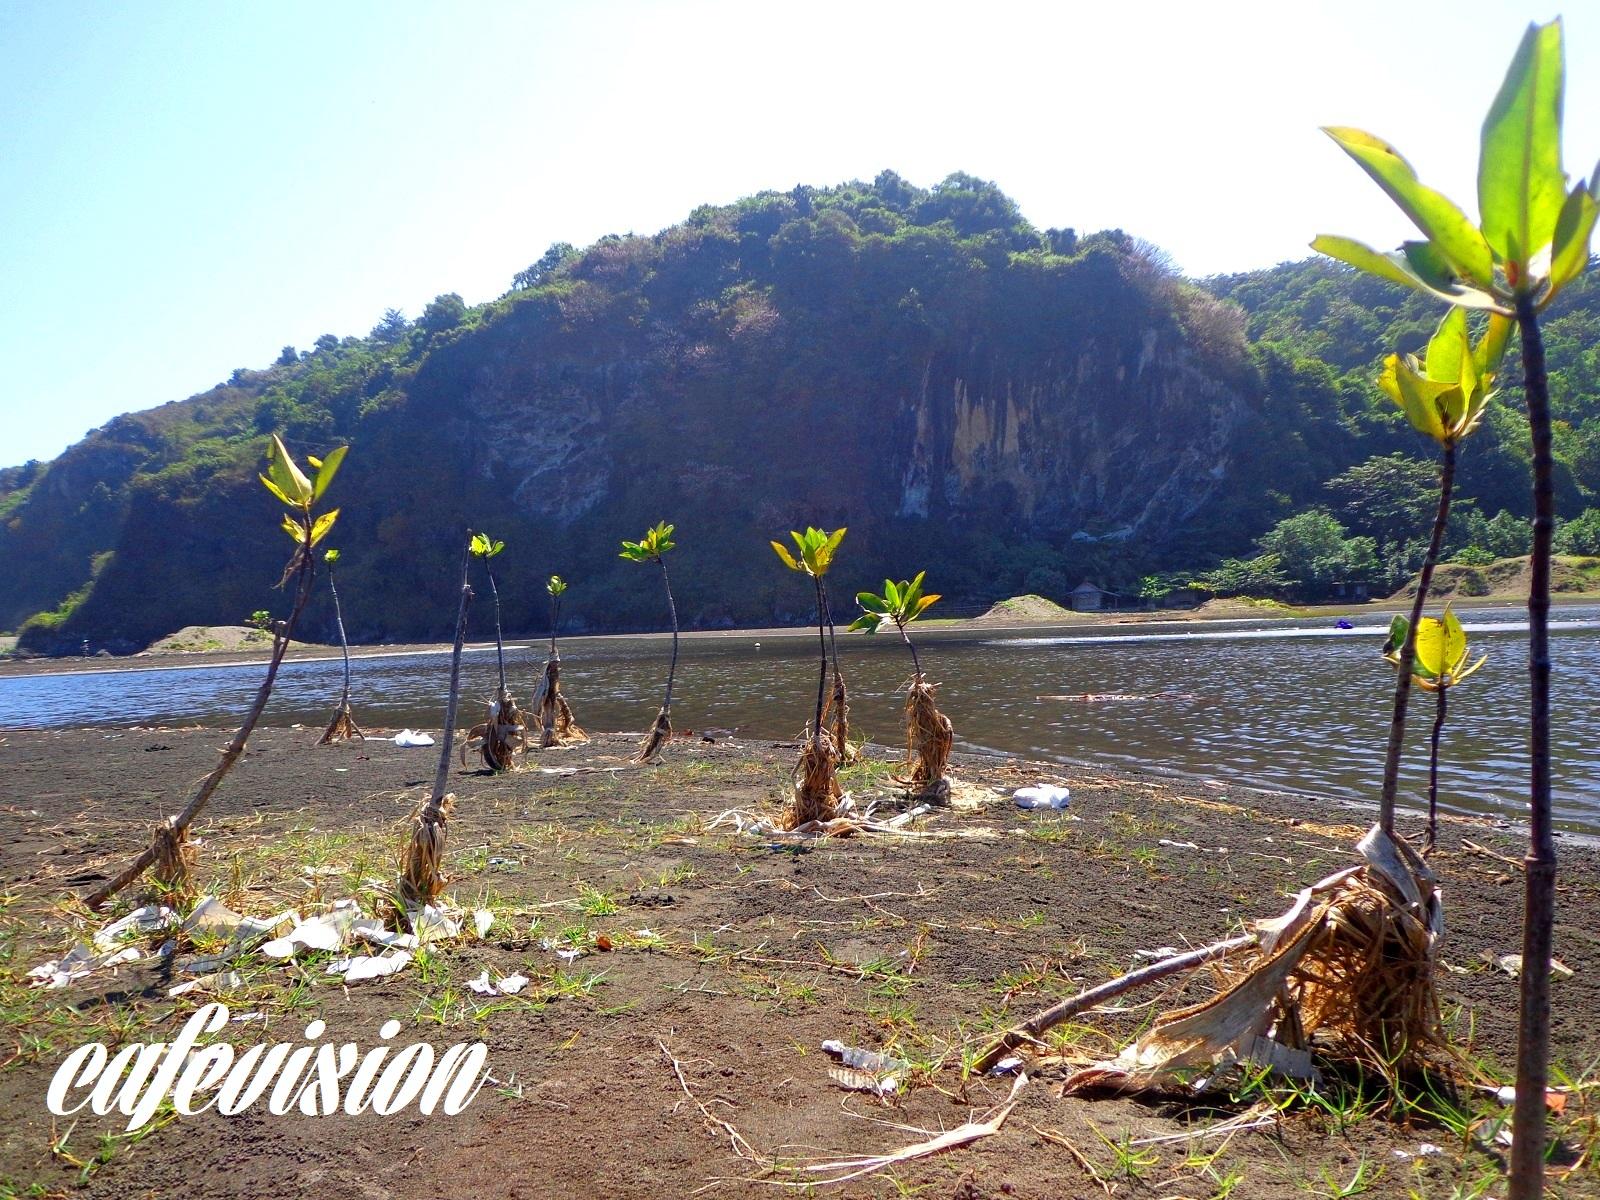 Double Trip Menjamahi Kemistisan Gunung Selok Pantai Sodong Tempat Wisata